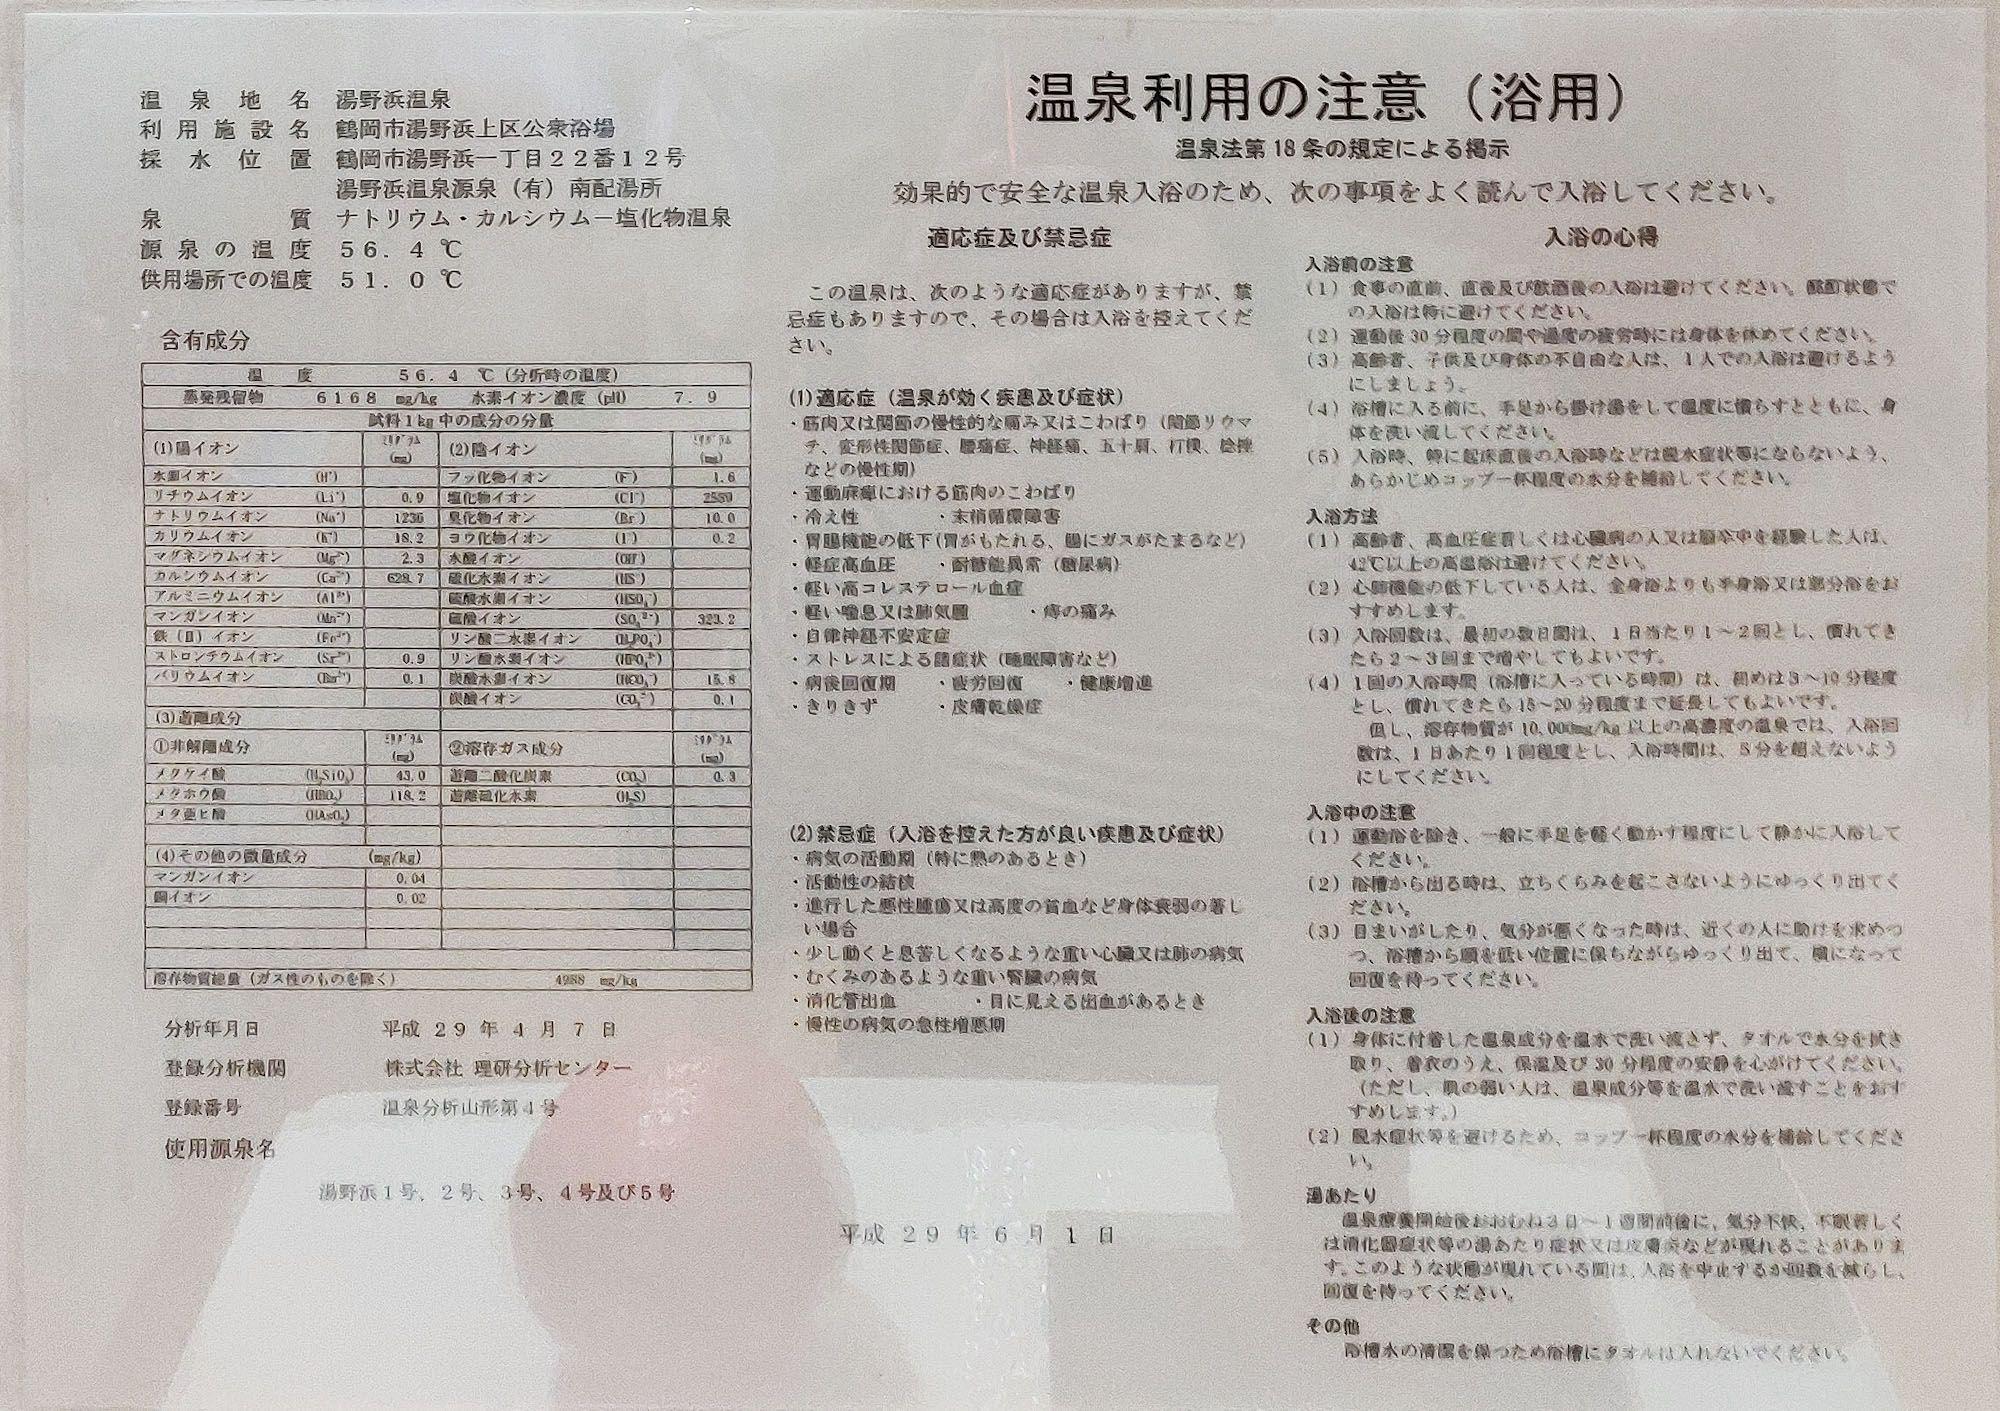 湯野浜温泉上区共同浴場 温泉分析書